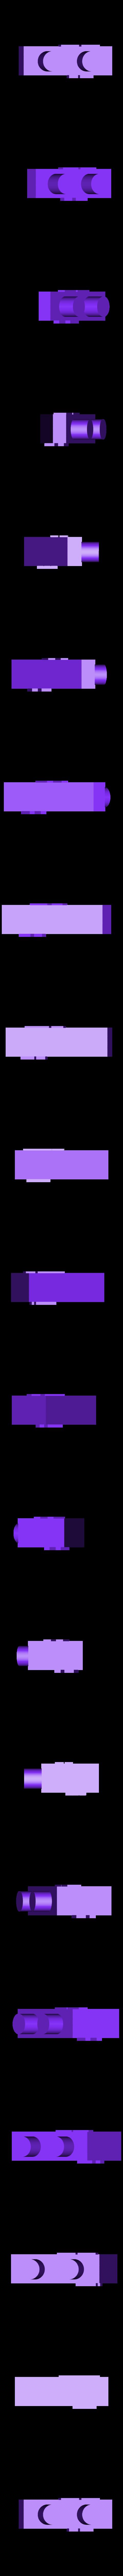 fun_chm1_1.stl Télécharger fichier STL gratuit Ripper's London - Salon funéraire / boutique • Design pour imprimante 3D, Earsling